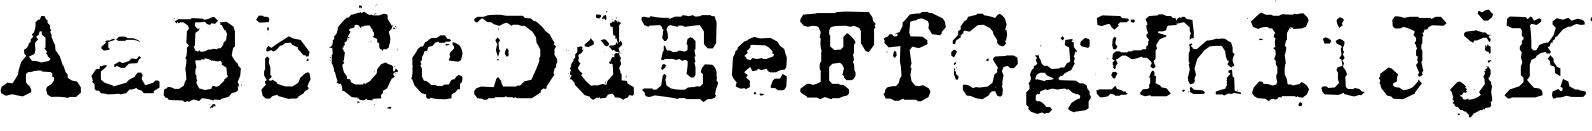 Romanstone